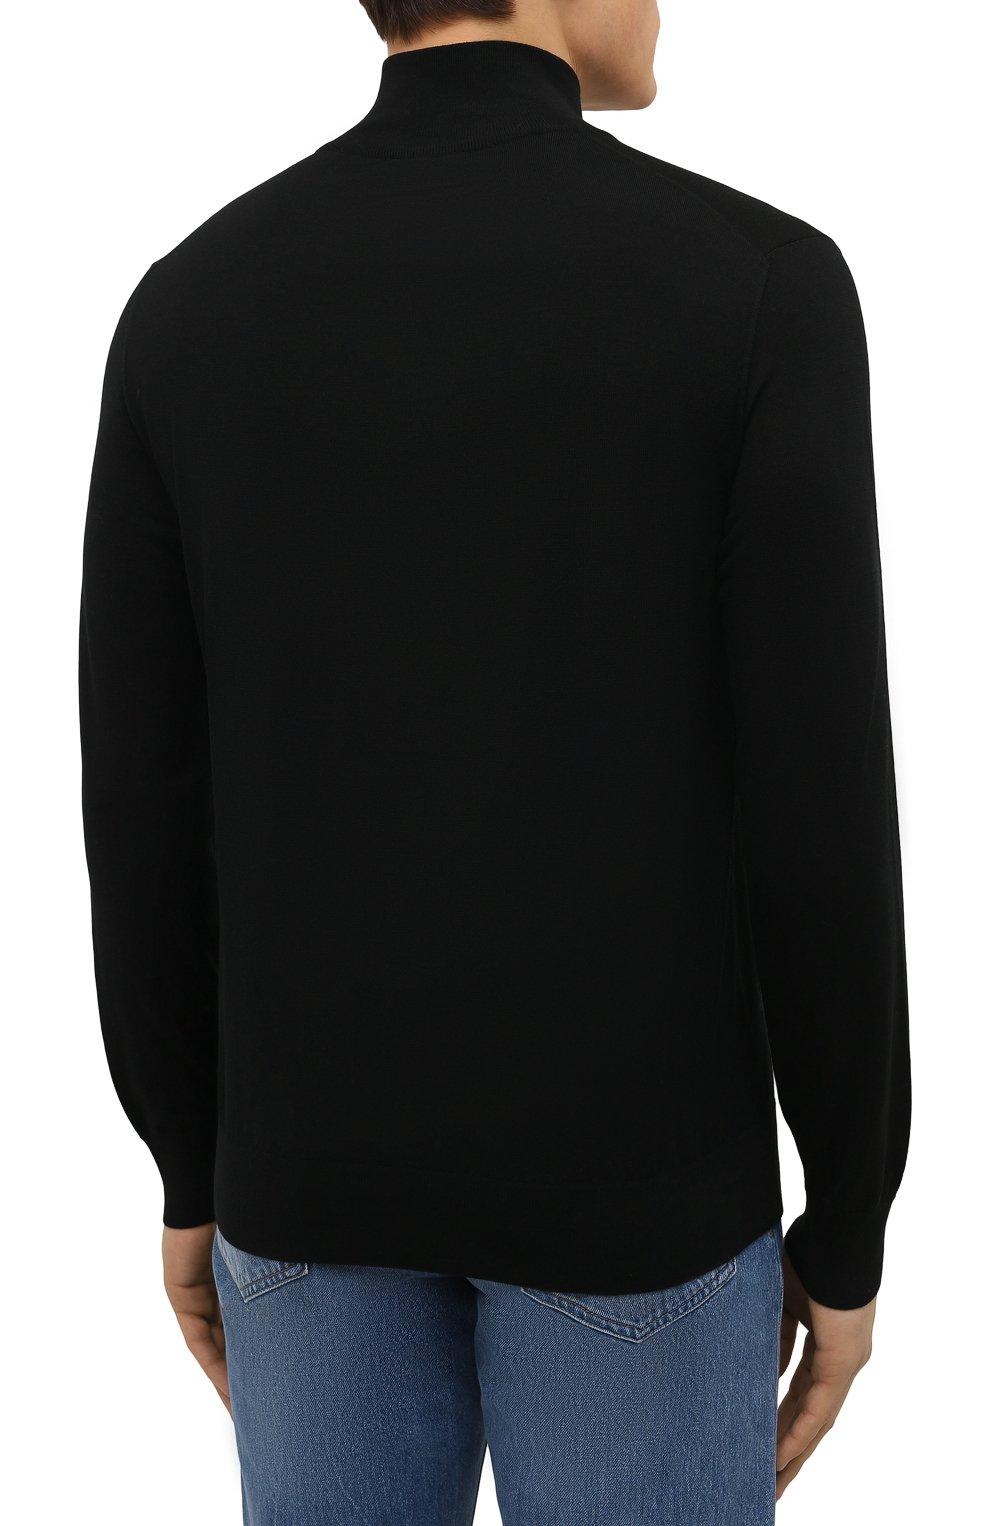 Мужской джемпер из шерсти и шелка BRIONI черного цвета, арт. UMS70L/09K86 | Фото 4 (Мужское Кросс-КТ: Джемперы; Материал внешний: Шерсть; Рукава: Длинные; Длина (для топов): Стандартные; Принт: С принтом; Вырез: Круглый; Стили: Кэжуэл)